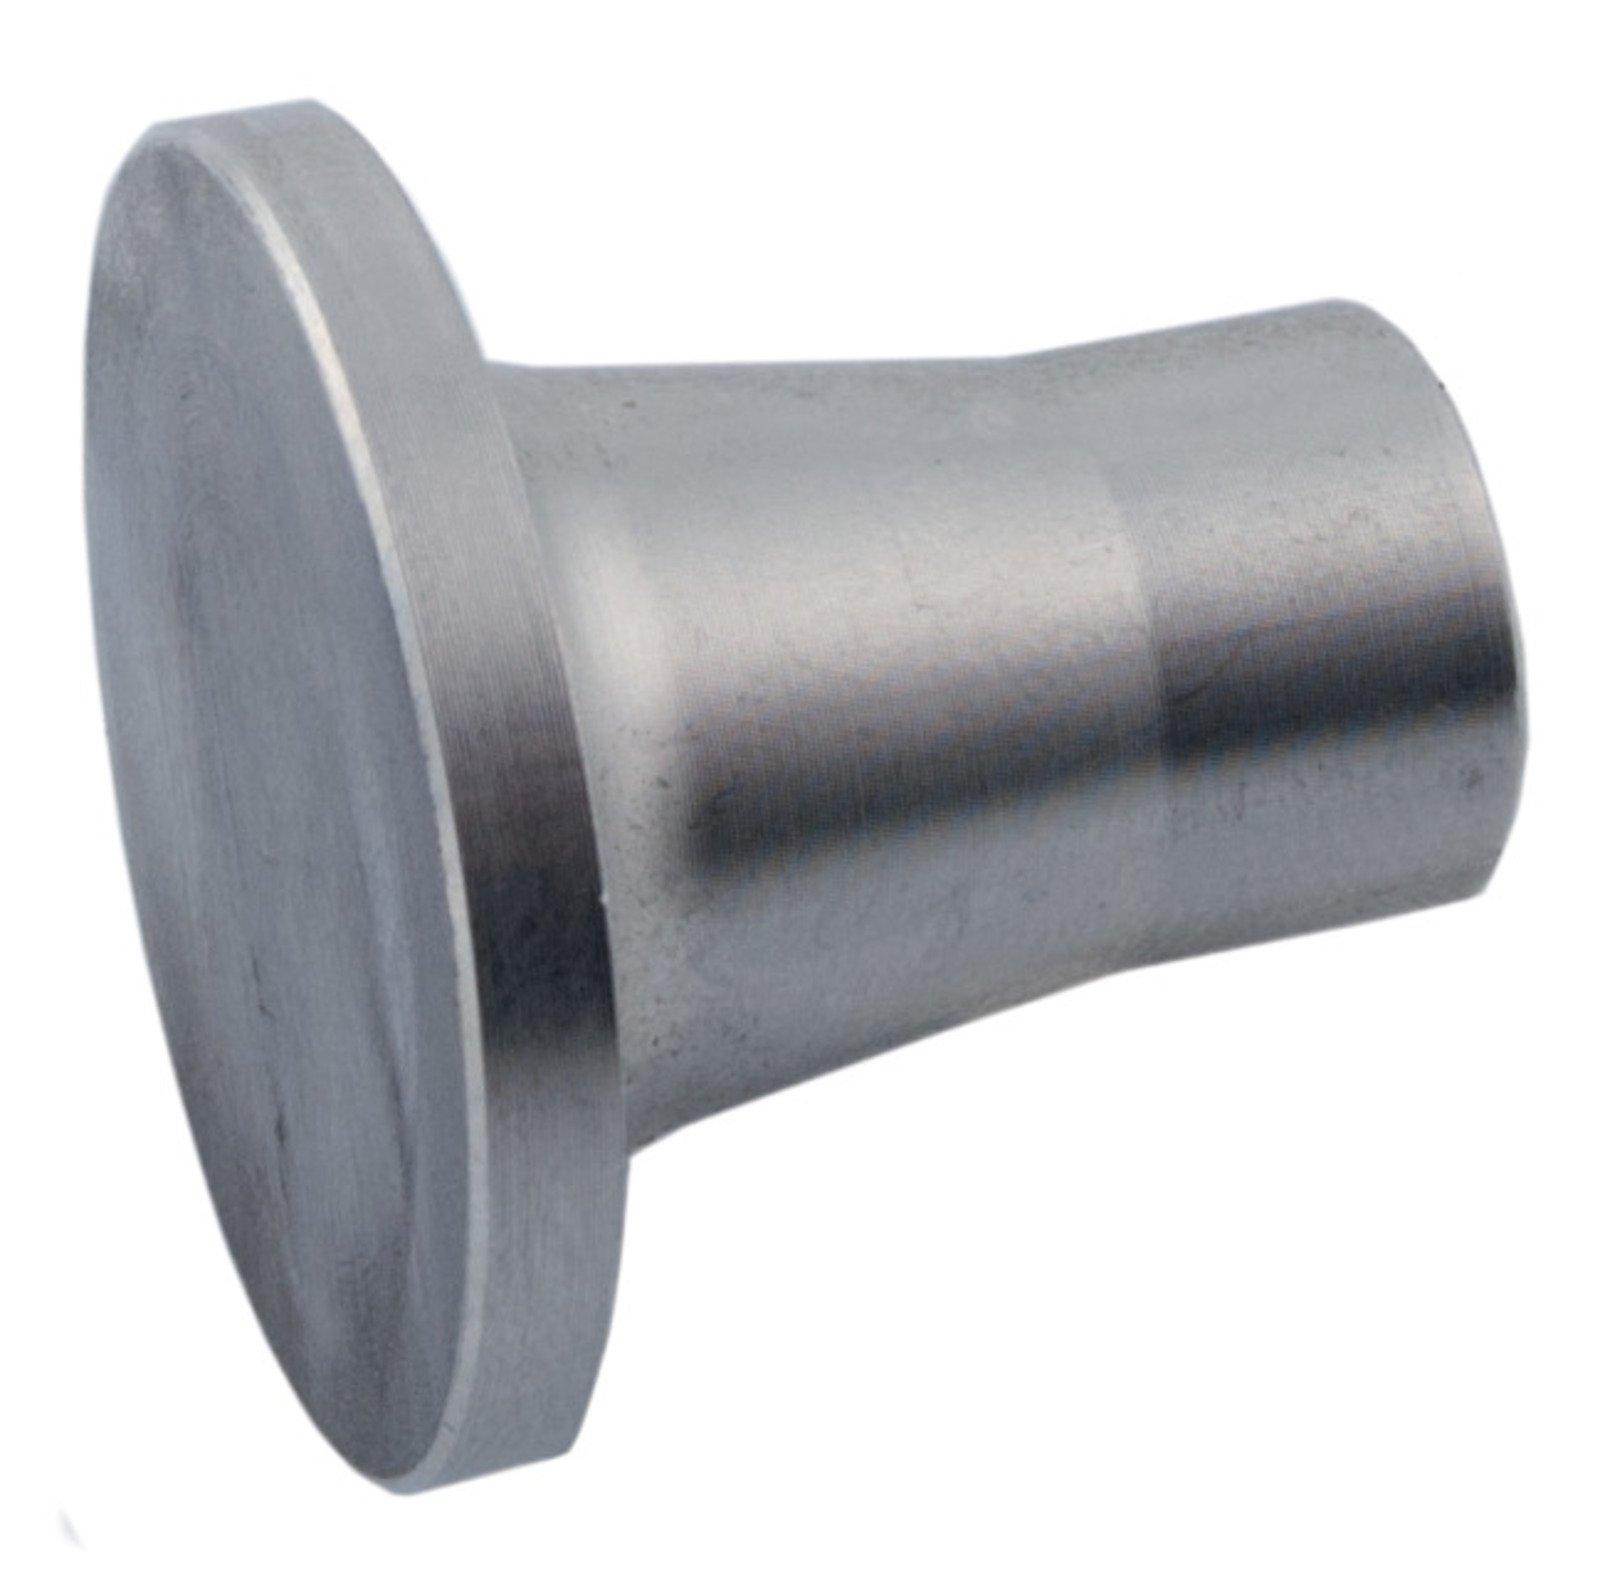 Sprocket Shaft Repair Threaded Sleeve For Front Sprocket Cover  SR400 SR500 TT500 & XT500  e 60681